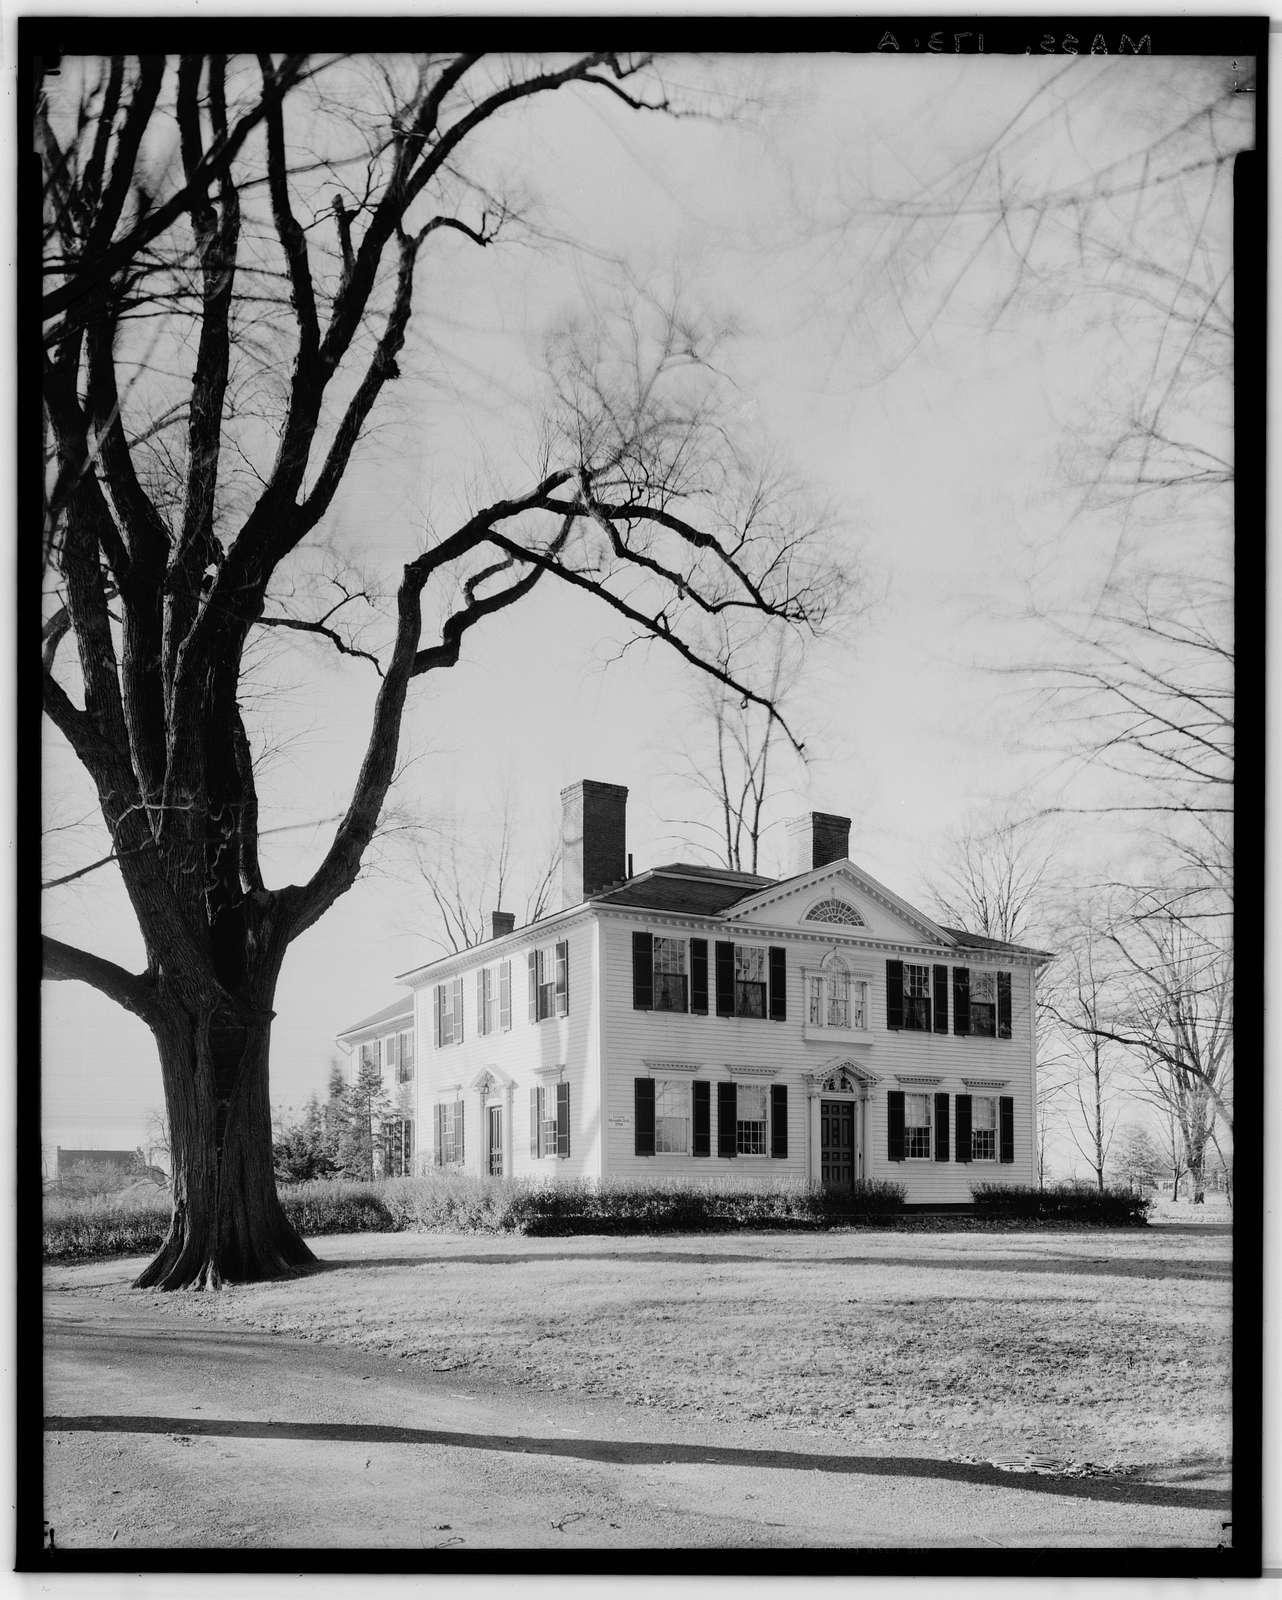 Colonel Alexander Field House, 280 Longmeadow Street, Longmeadow, Hampden County, MA